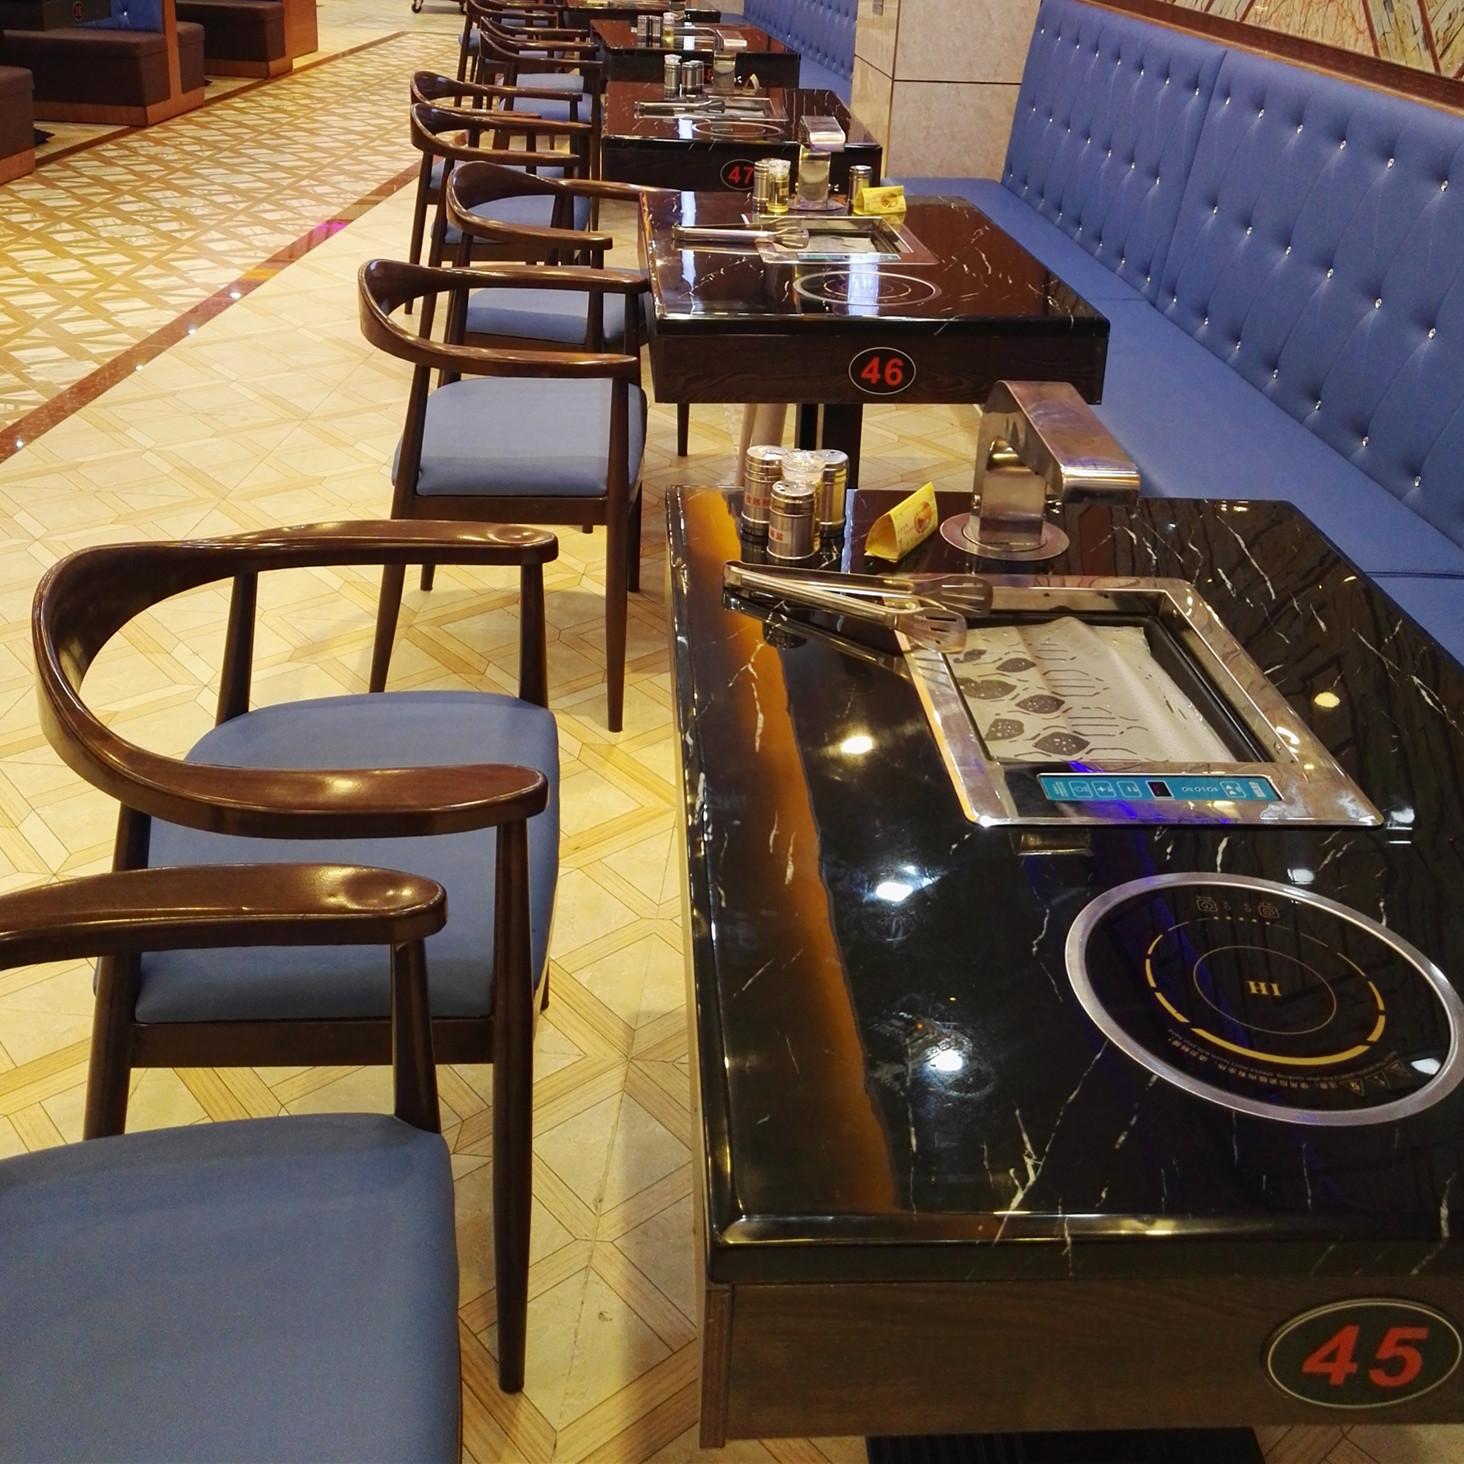 Z79raybet雷竞技 客户端自助raybet雷竞技app类似雷竞技这种靠谱的桌